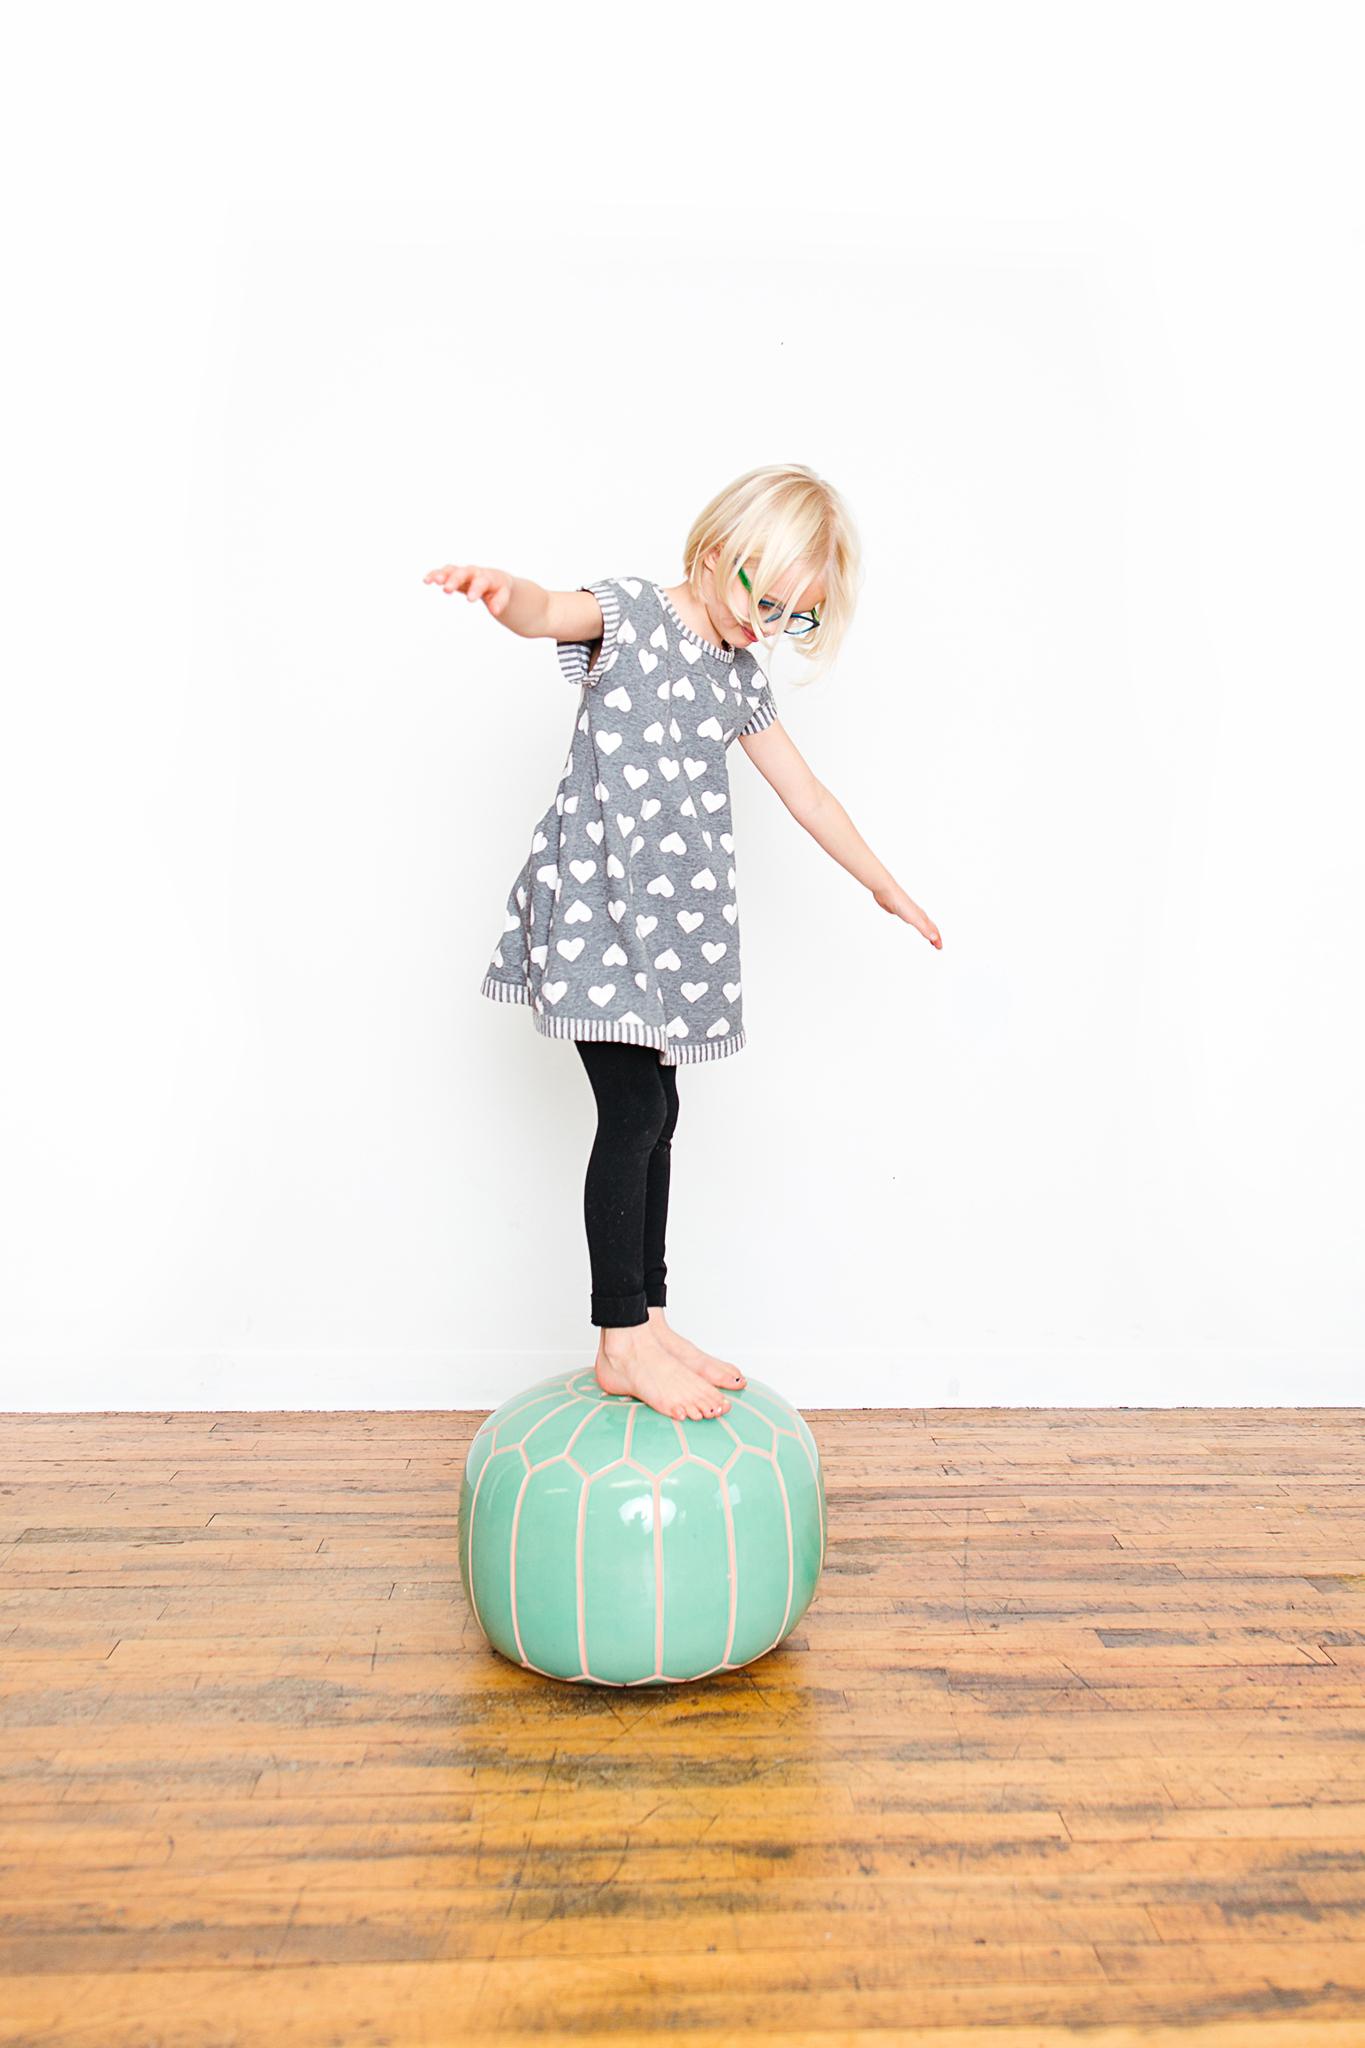 Best Kids Photographers in Tacoma, Washington